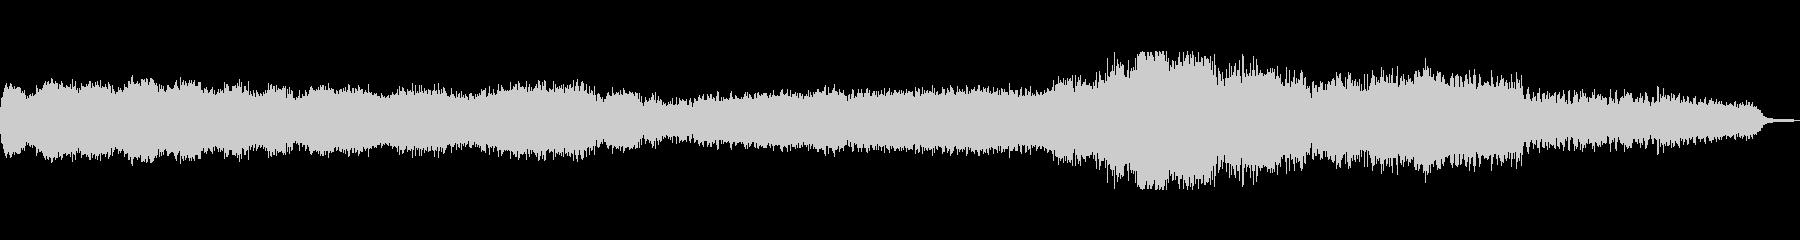 レーザーガン:複数のショット、SC...の未再生の波形